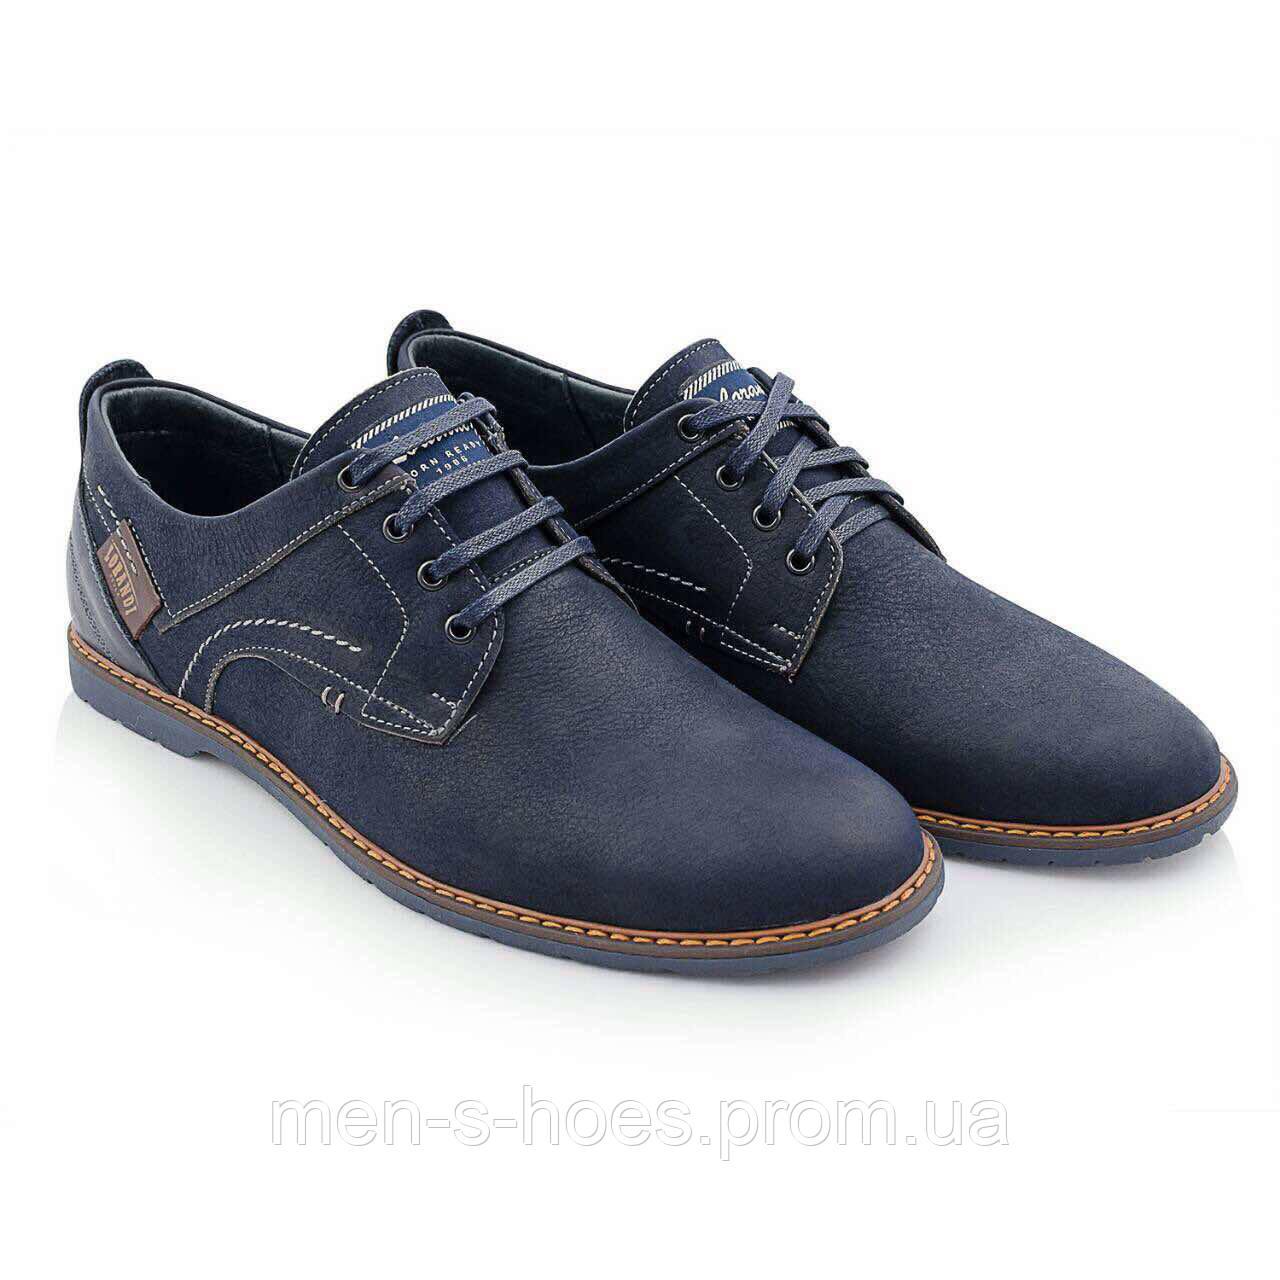 Туфли мужские кожаные Lorandi Shoes Blue